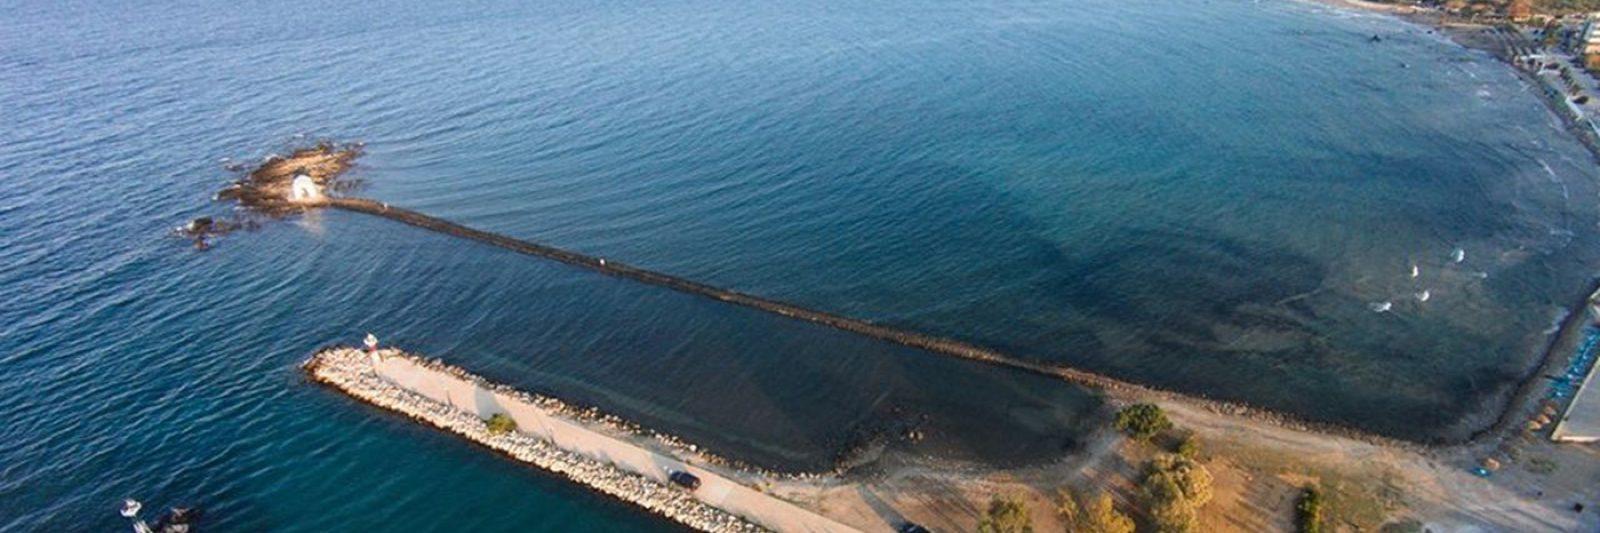 Ρέθυμνο Γιωργιούπολη Καλίβες Αλμυρίδα